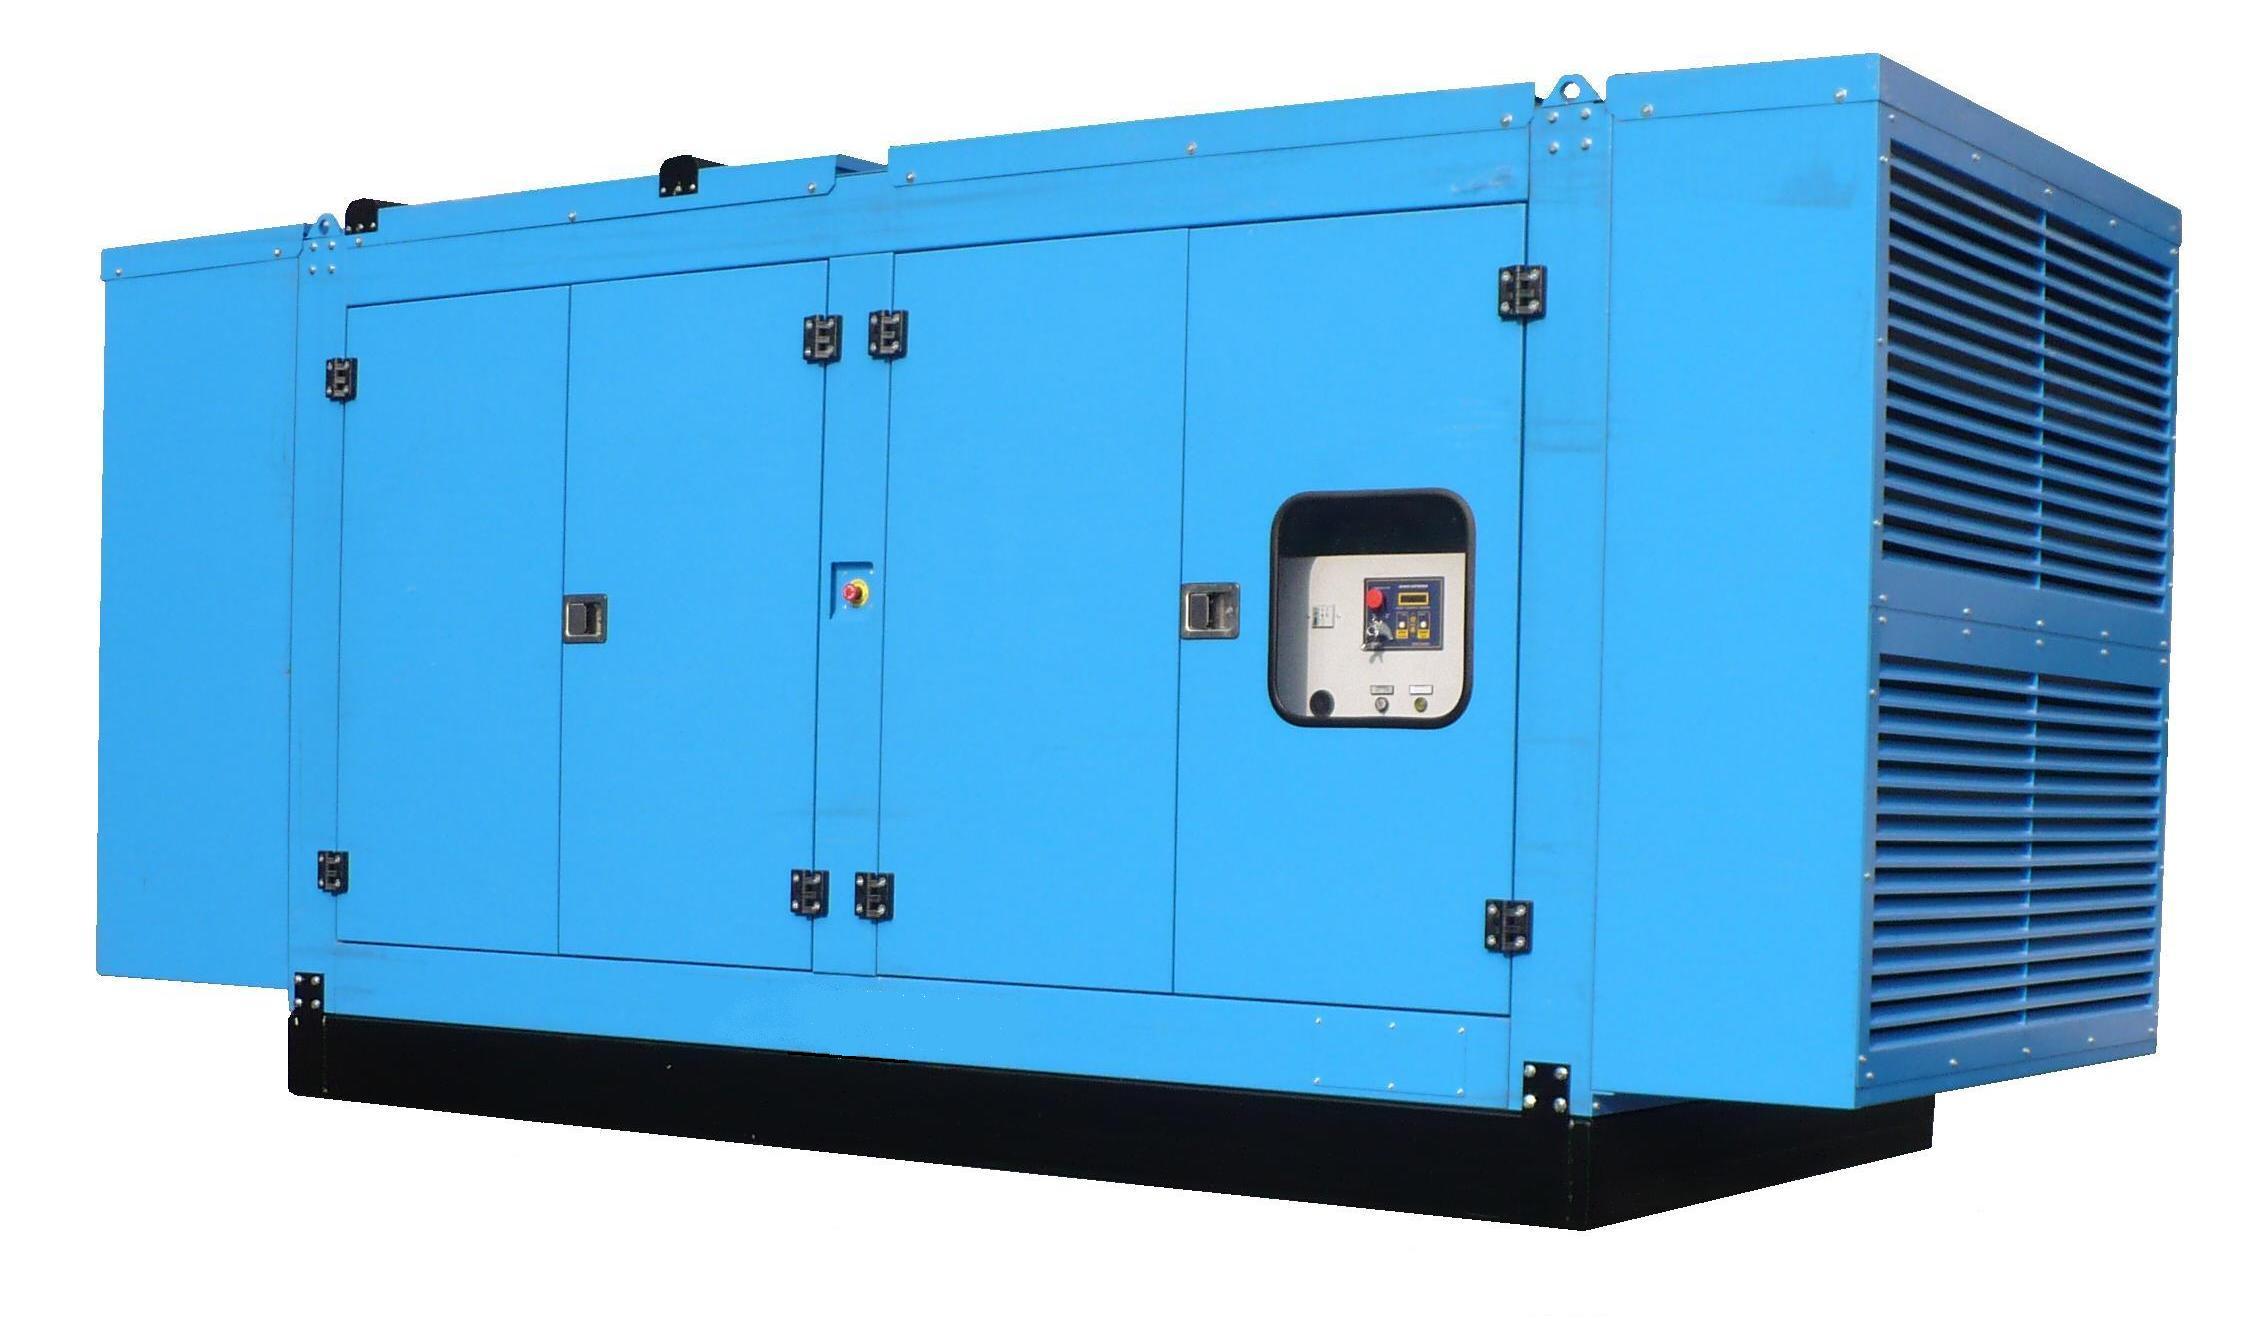 Продажа дизельных электростанции ENERGY (Италия) с двигателем DEUTZ мощностью от 16кВт до 400кВт